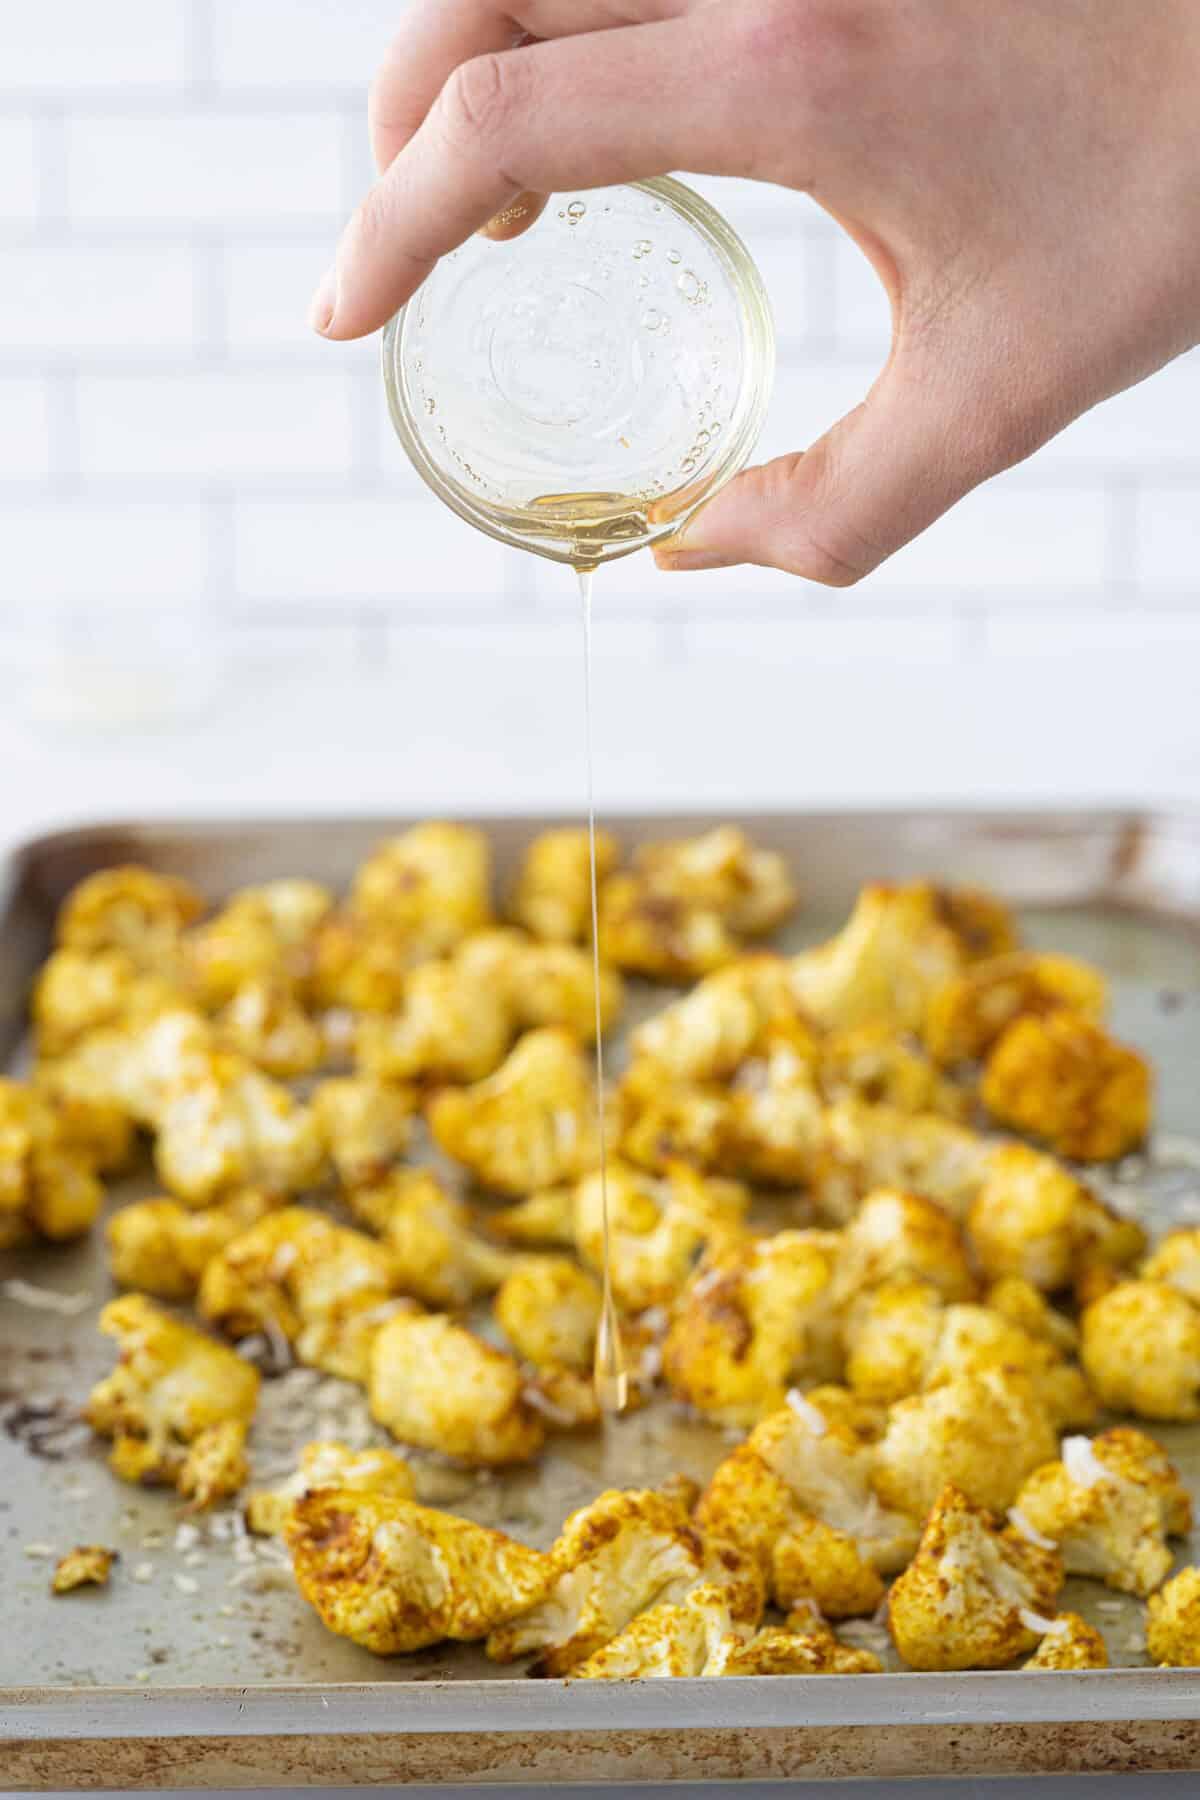 drizzling honey onto roasted cauliflower